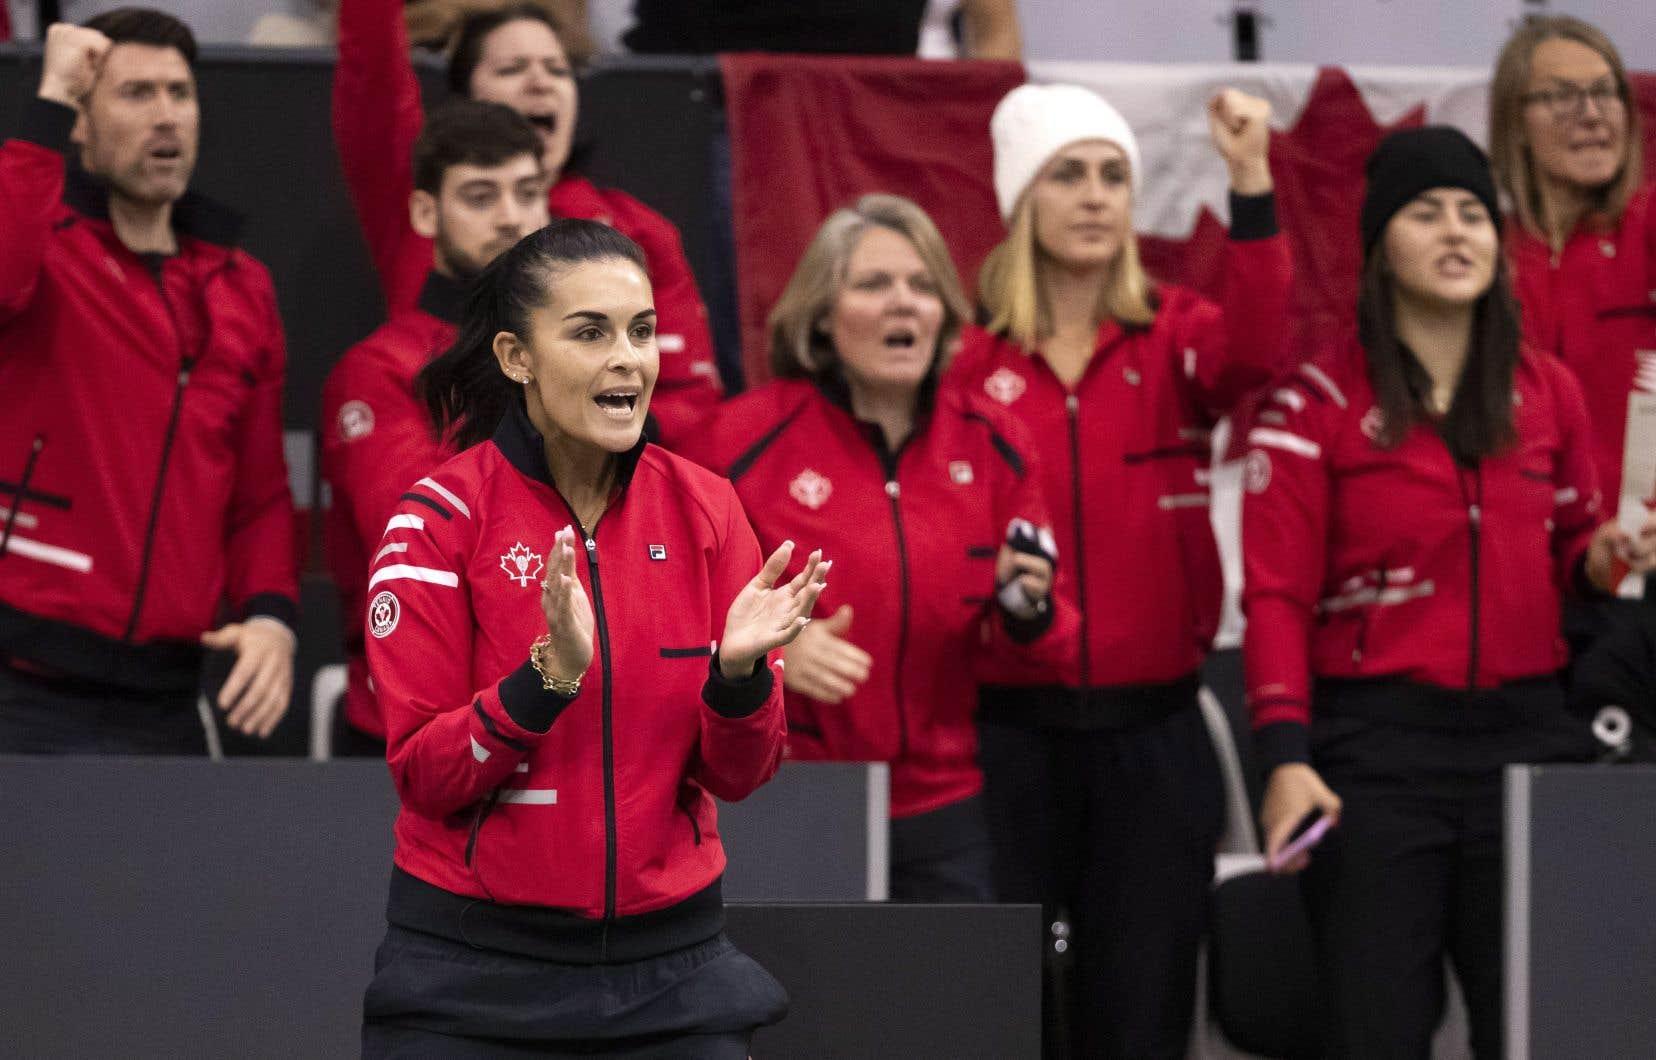 La capitaine de l'équipe canadienne, Heidi El Tabakh pendant le match deLeylah Annie Fernandez.